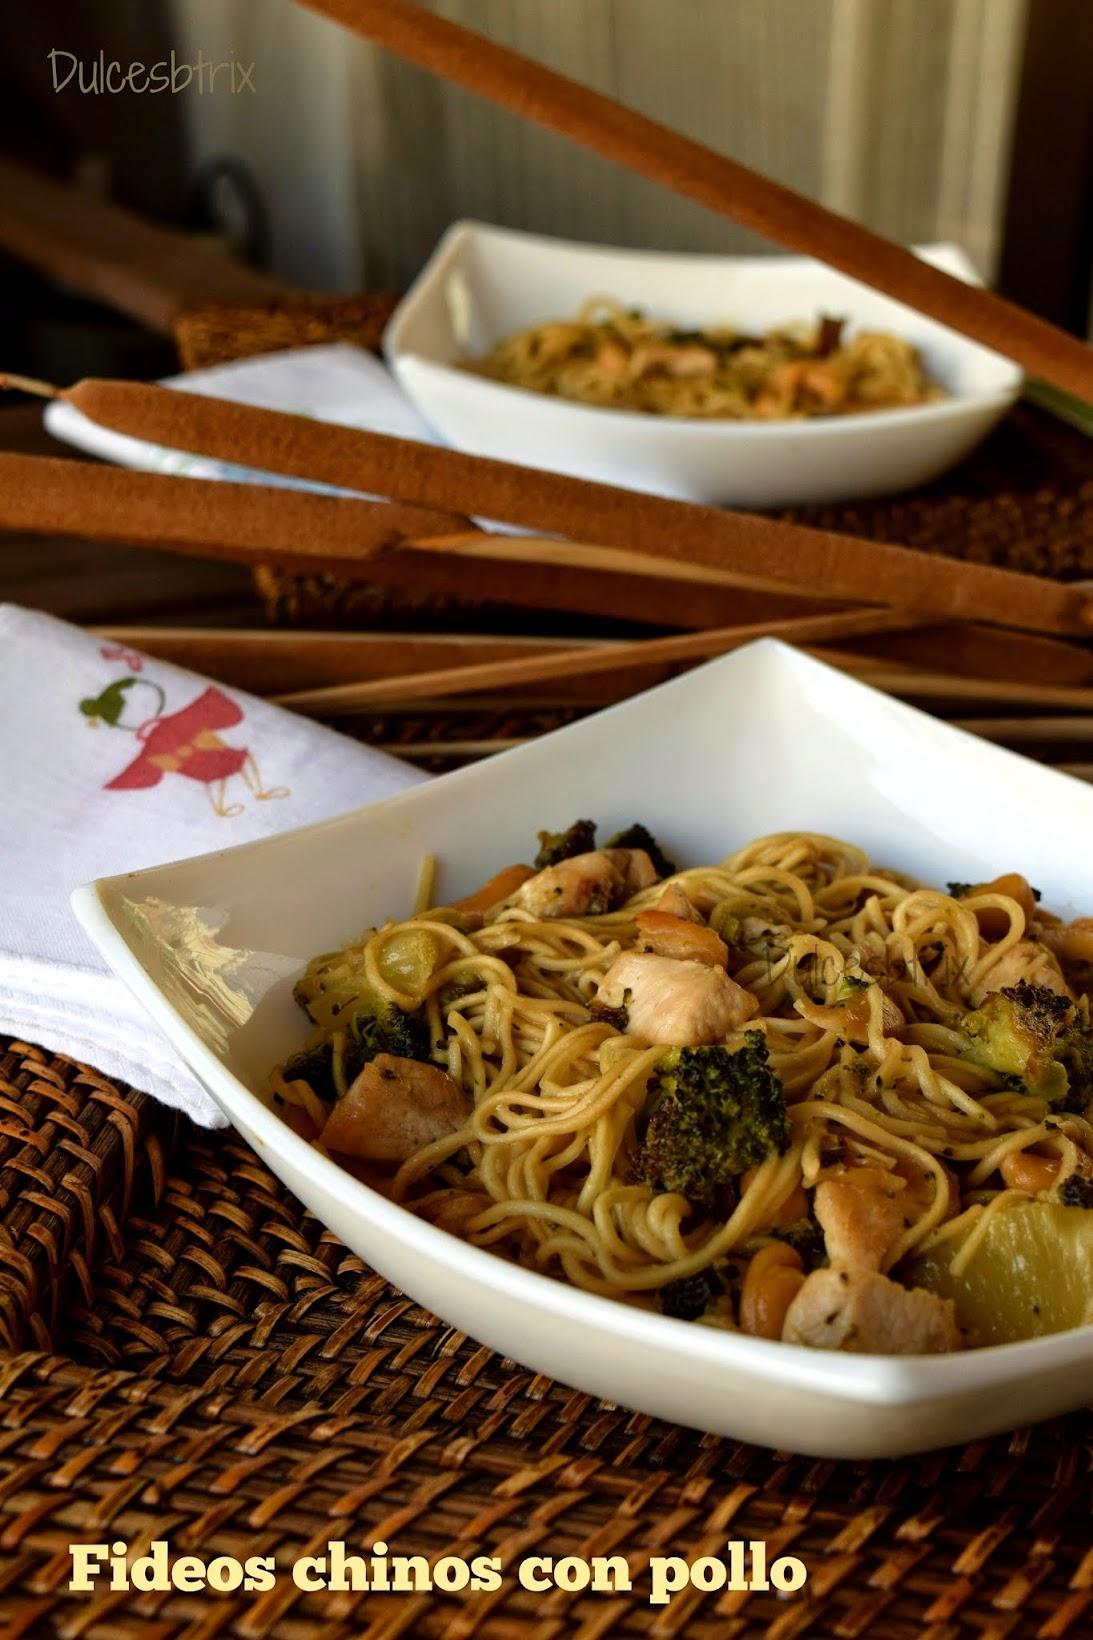 Fideos chinos con pollo-Dulcesbtrix